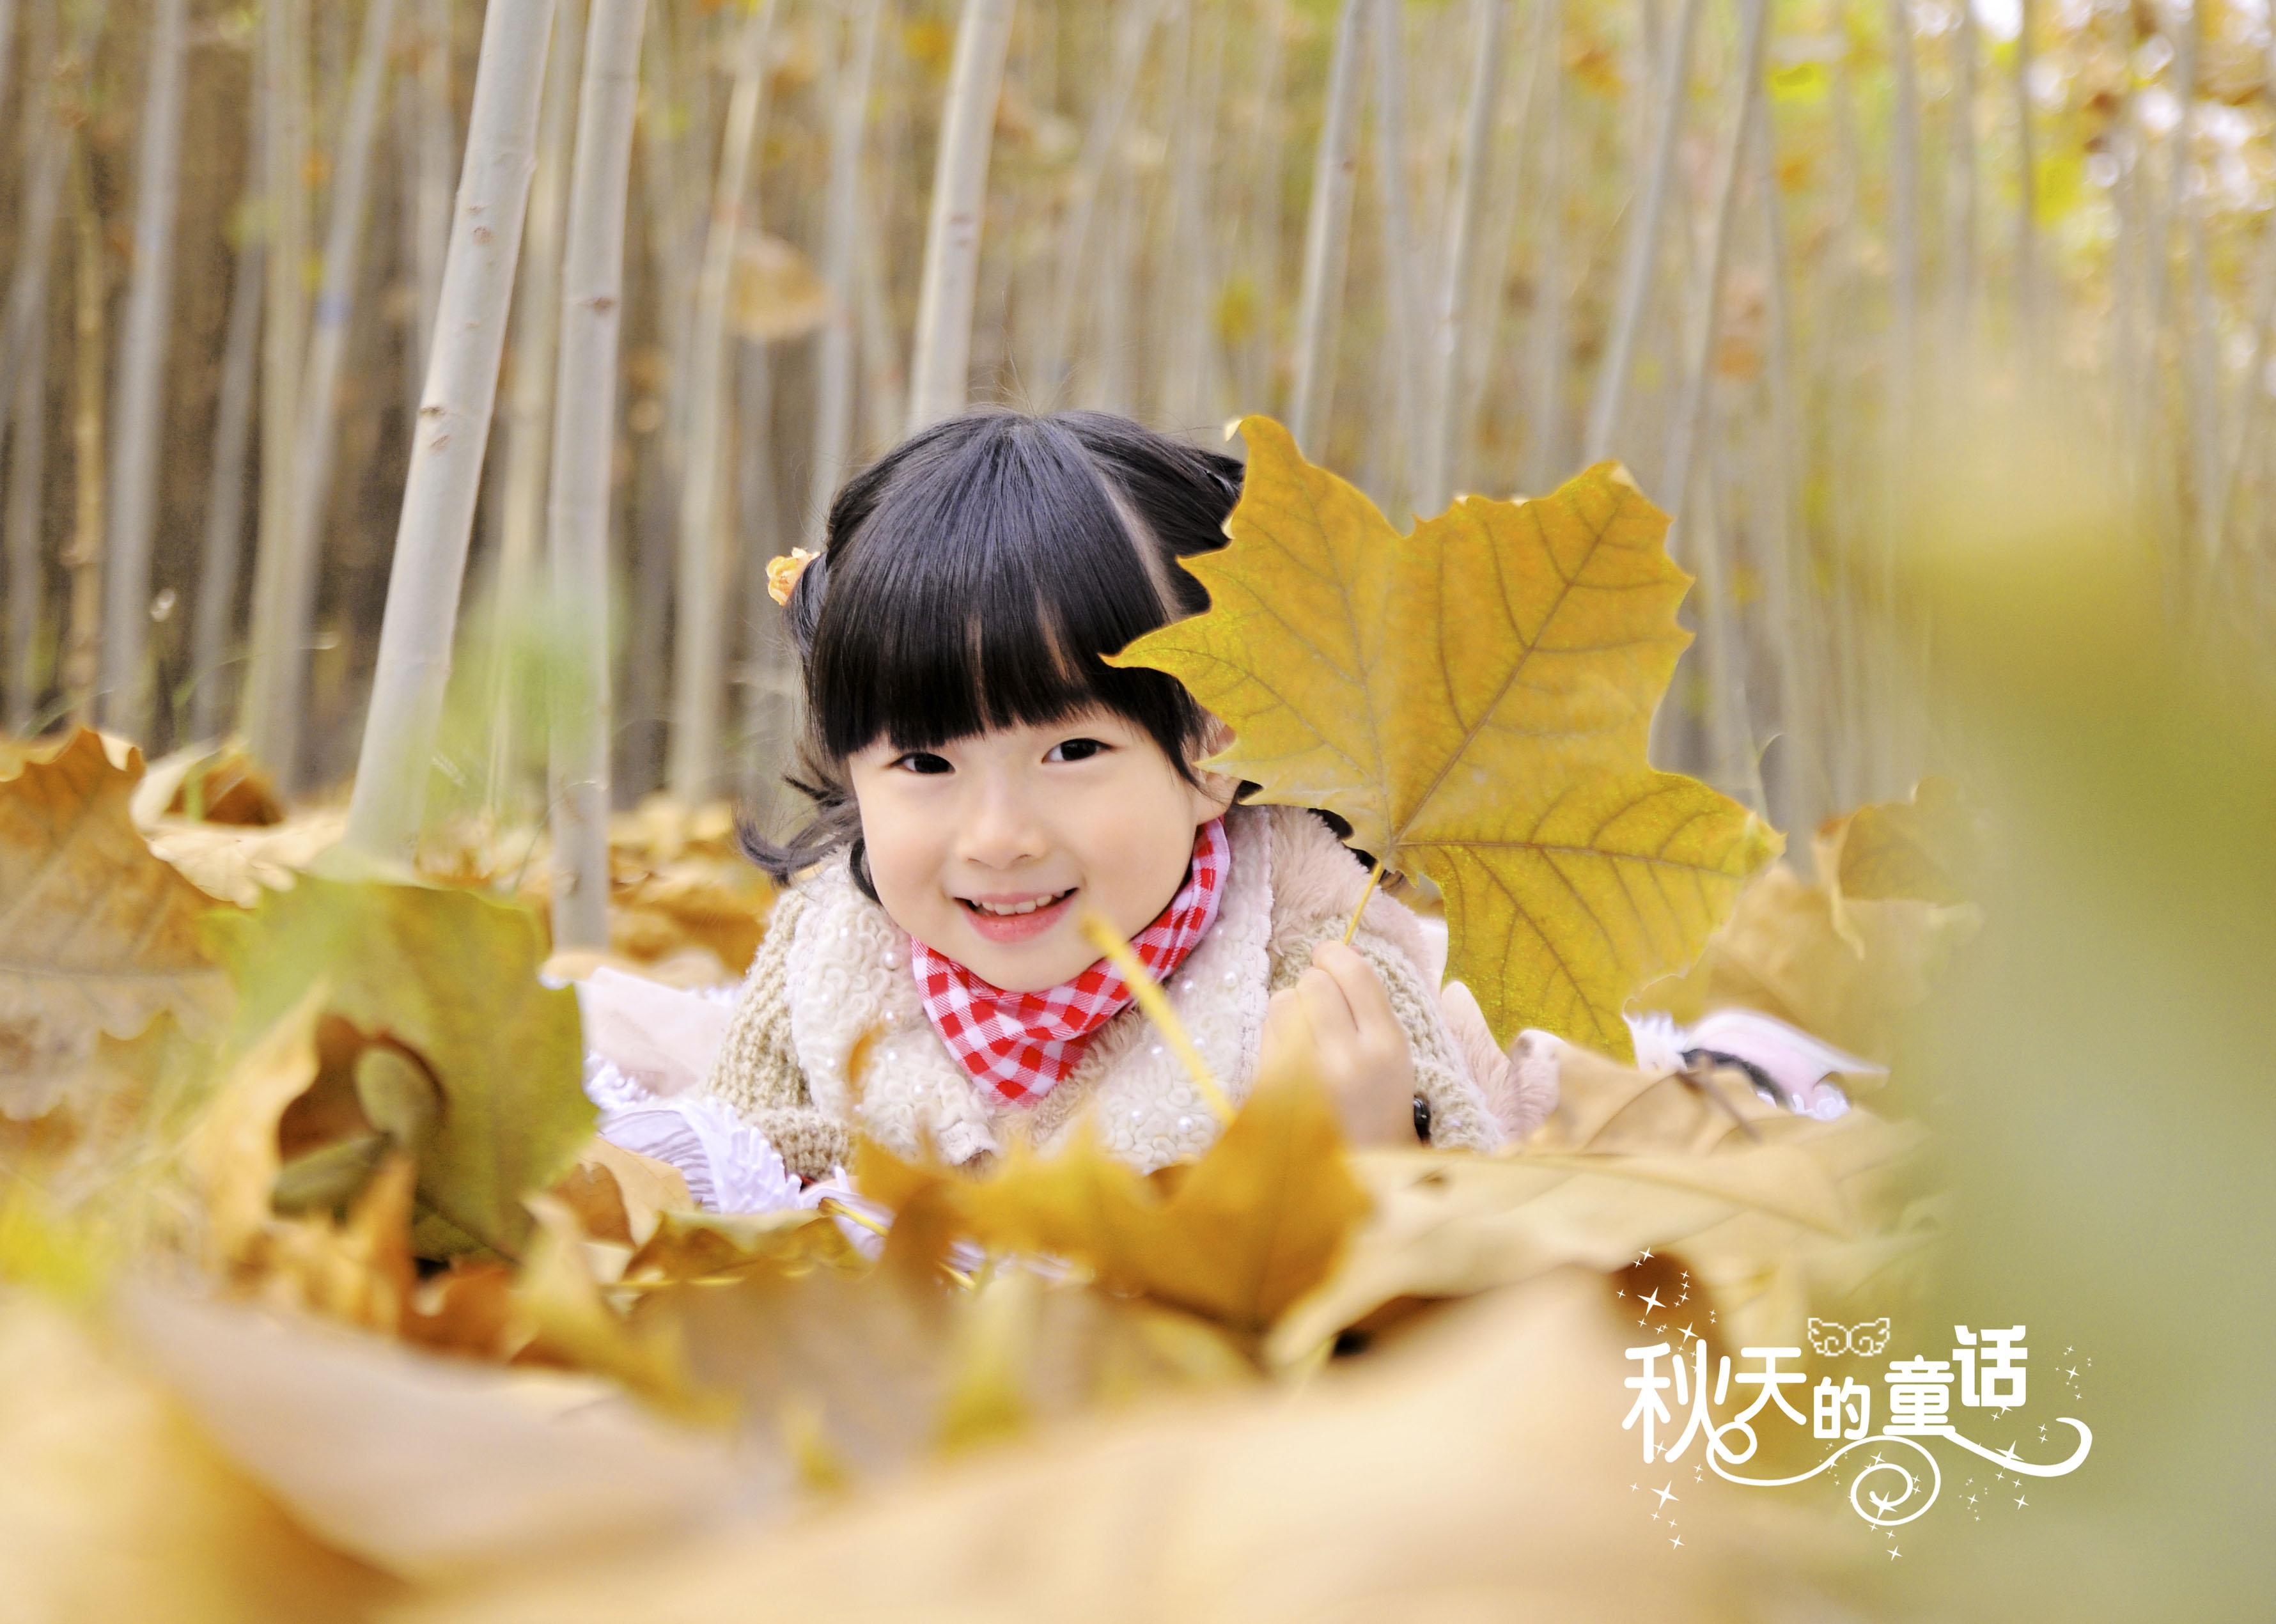 秋天的童话_儿童摄影作品